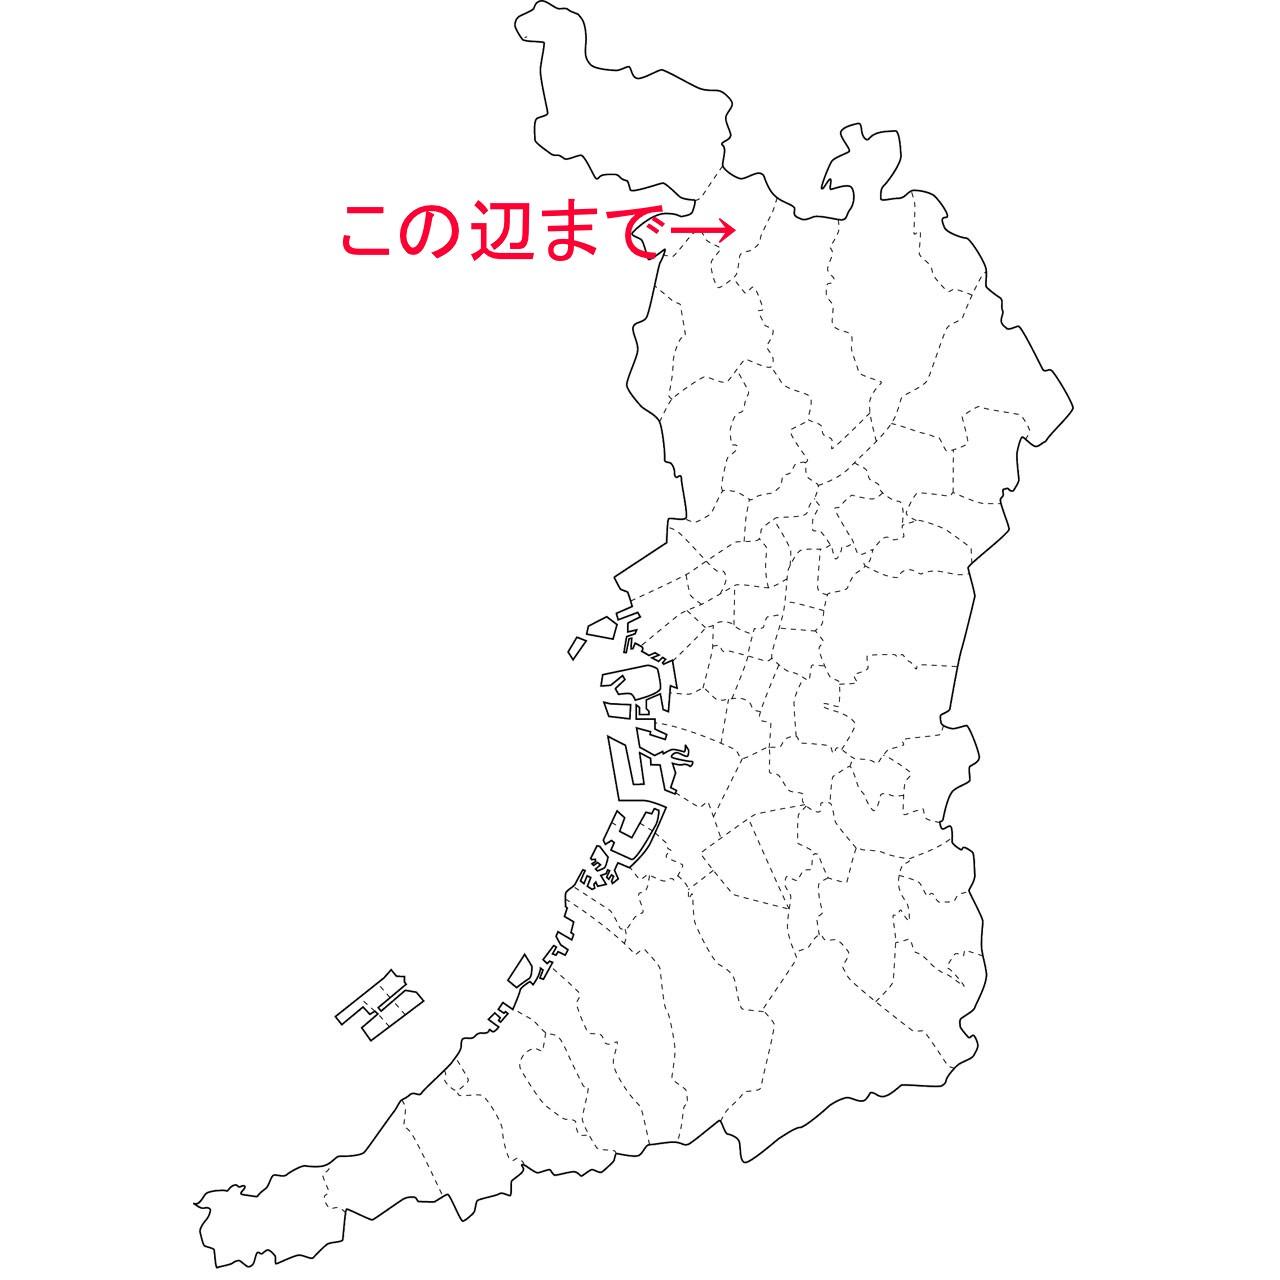 阪南市から箕面市までバスだけで行こうとして途中でやめた話_c0001670_23375327.jpg